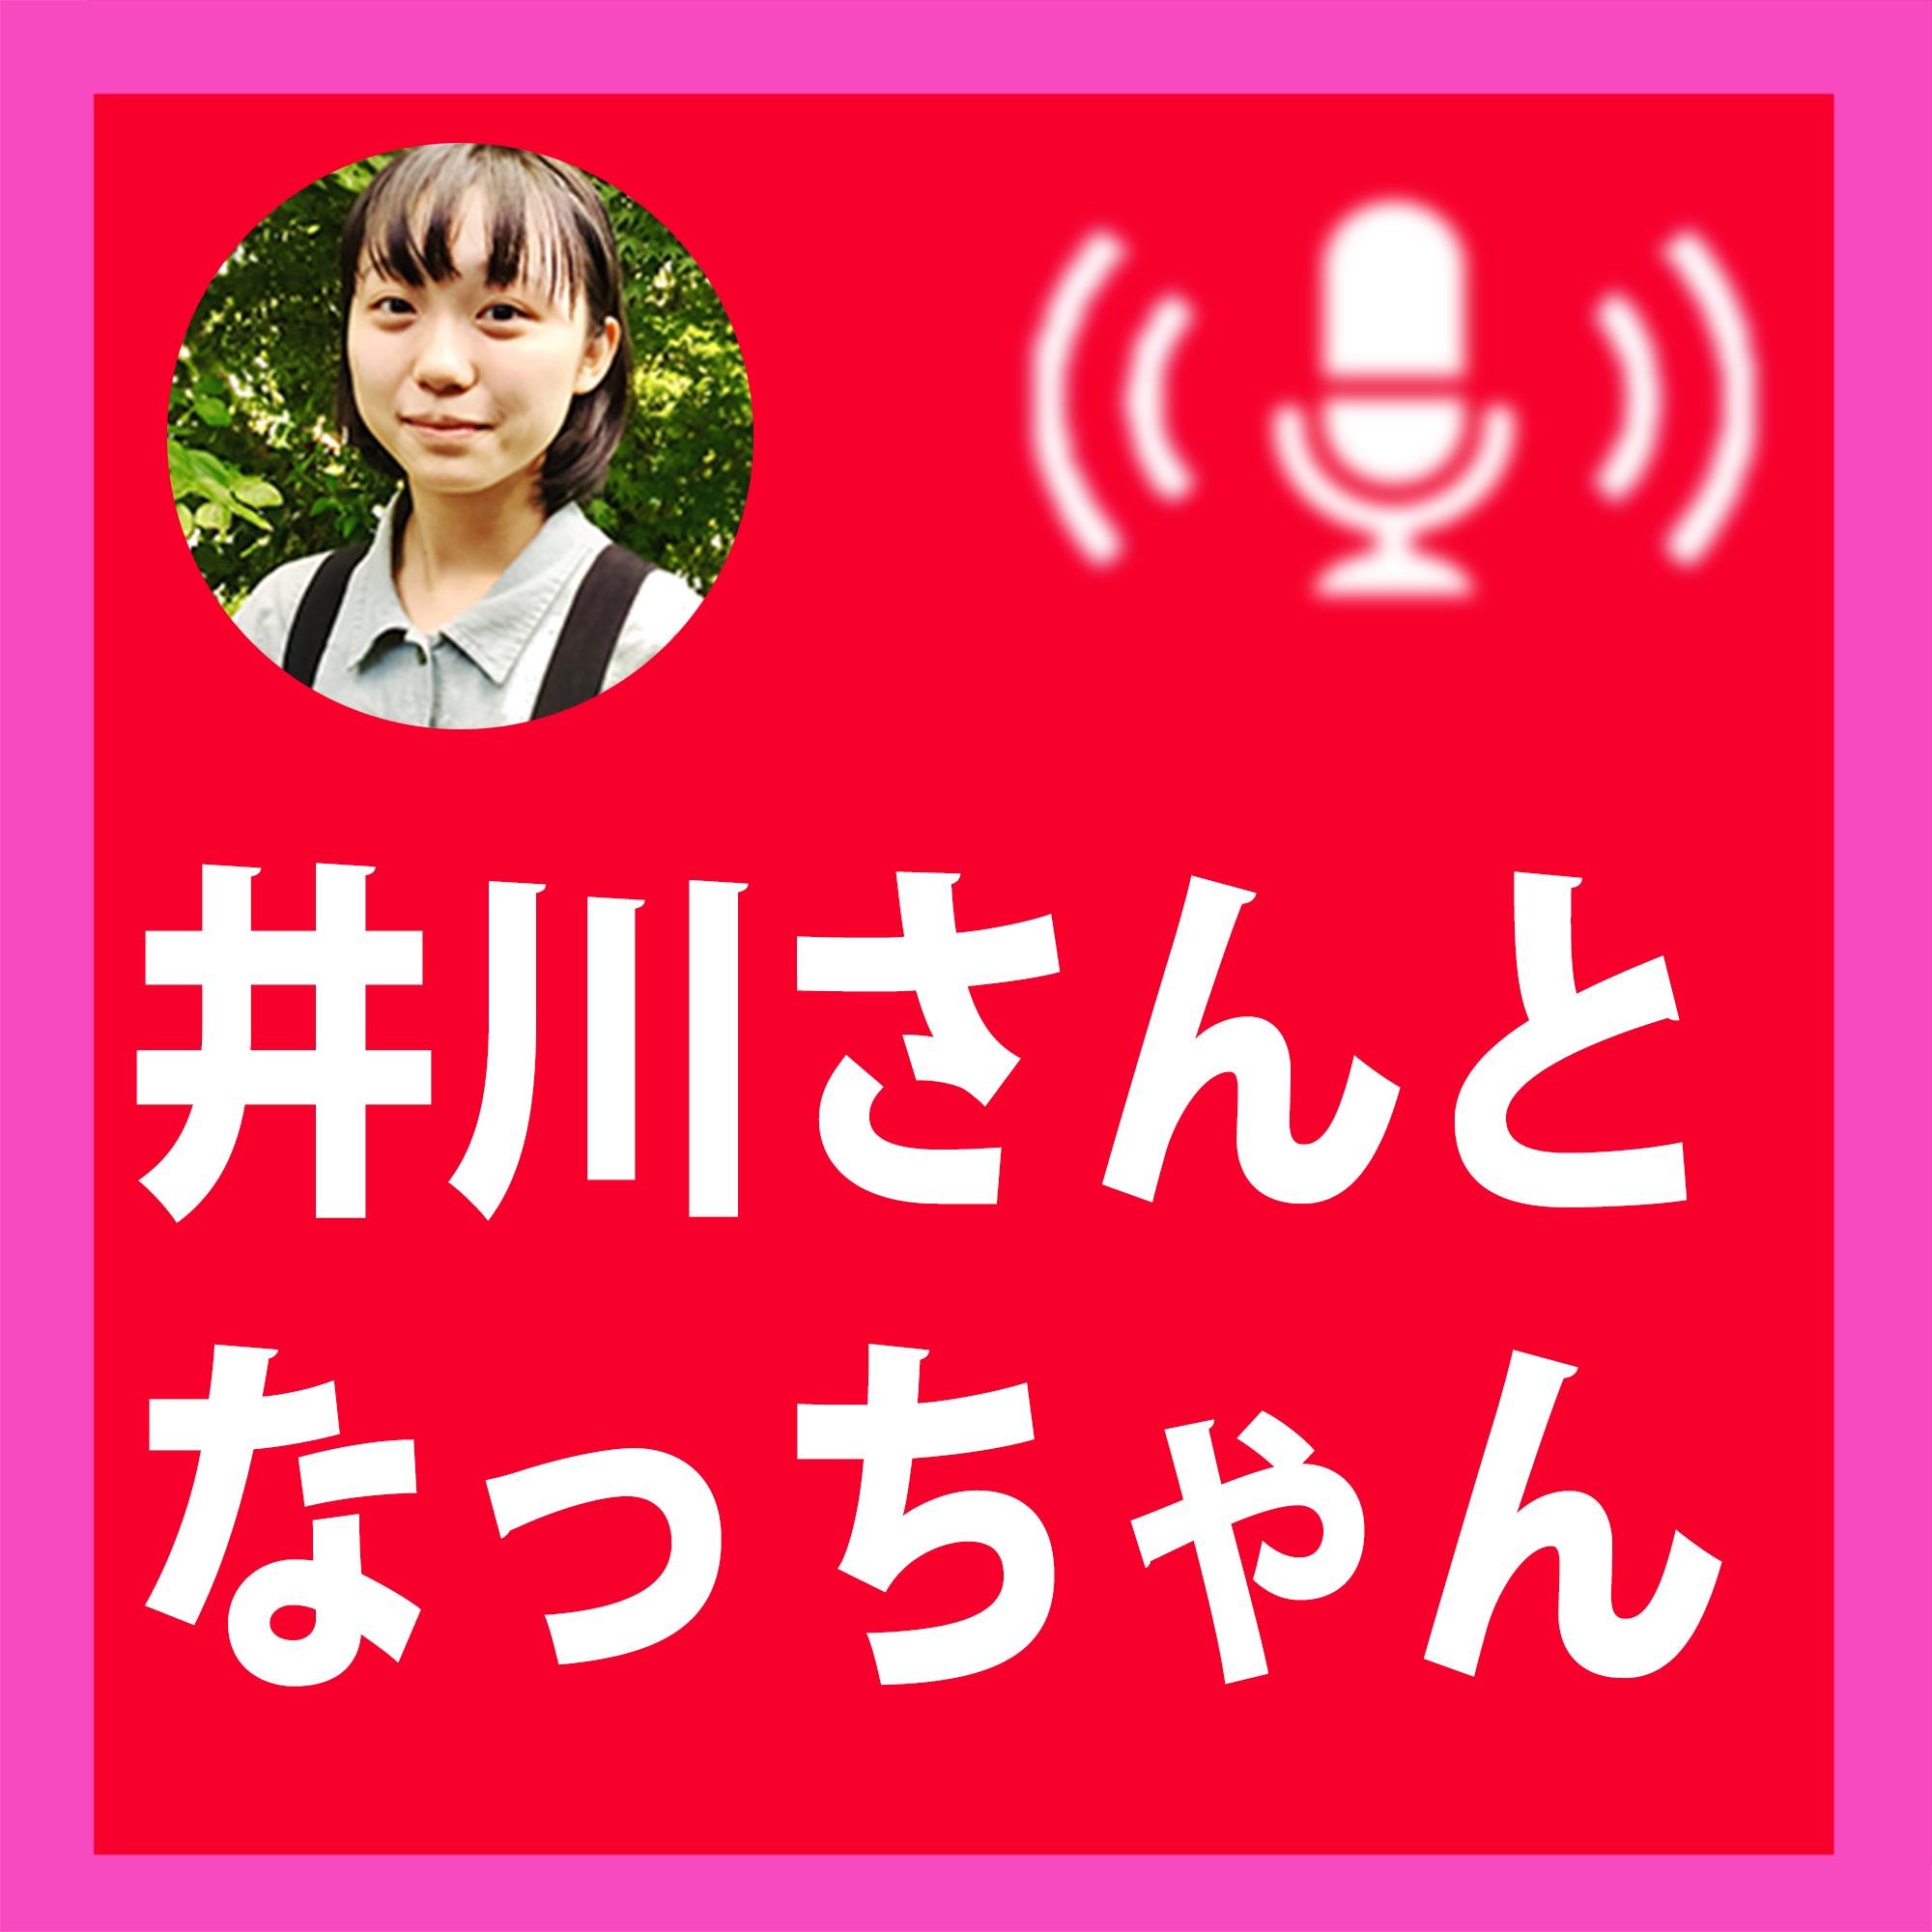 カフエマメヒコ井川啓央「井川さんとなっちゃん」